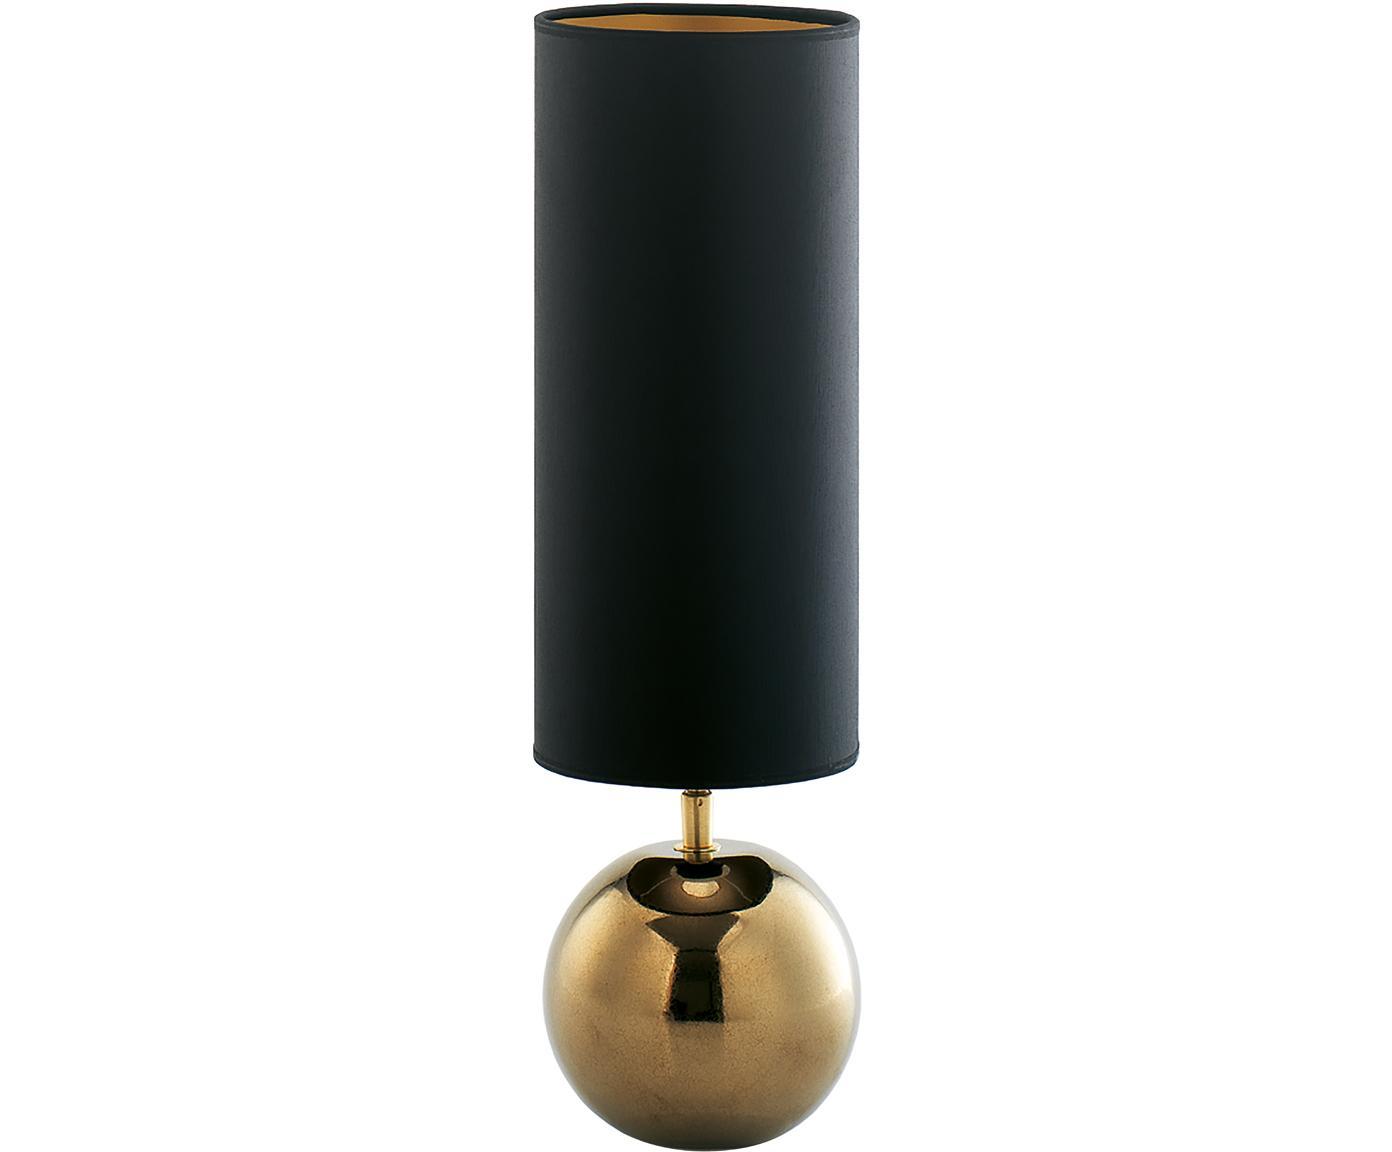 Lampa stołowa z ceramiki Neve, Czarny, odcienie złotego, 6 cm